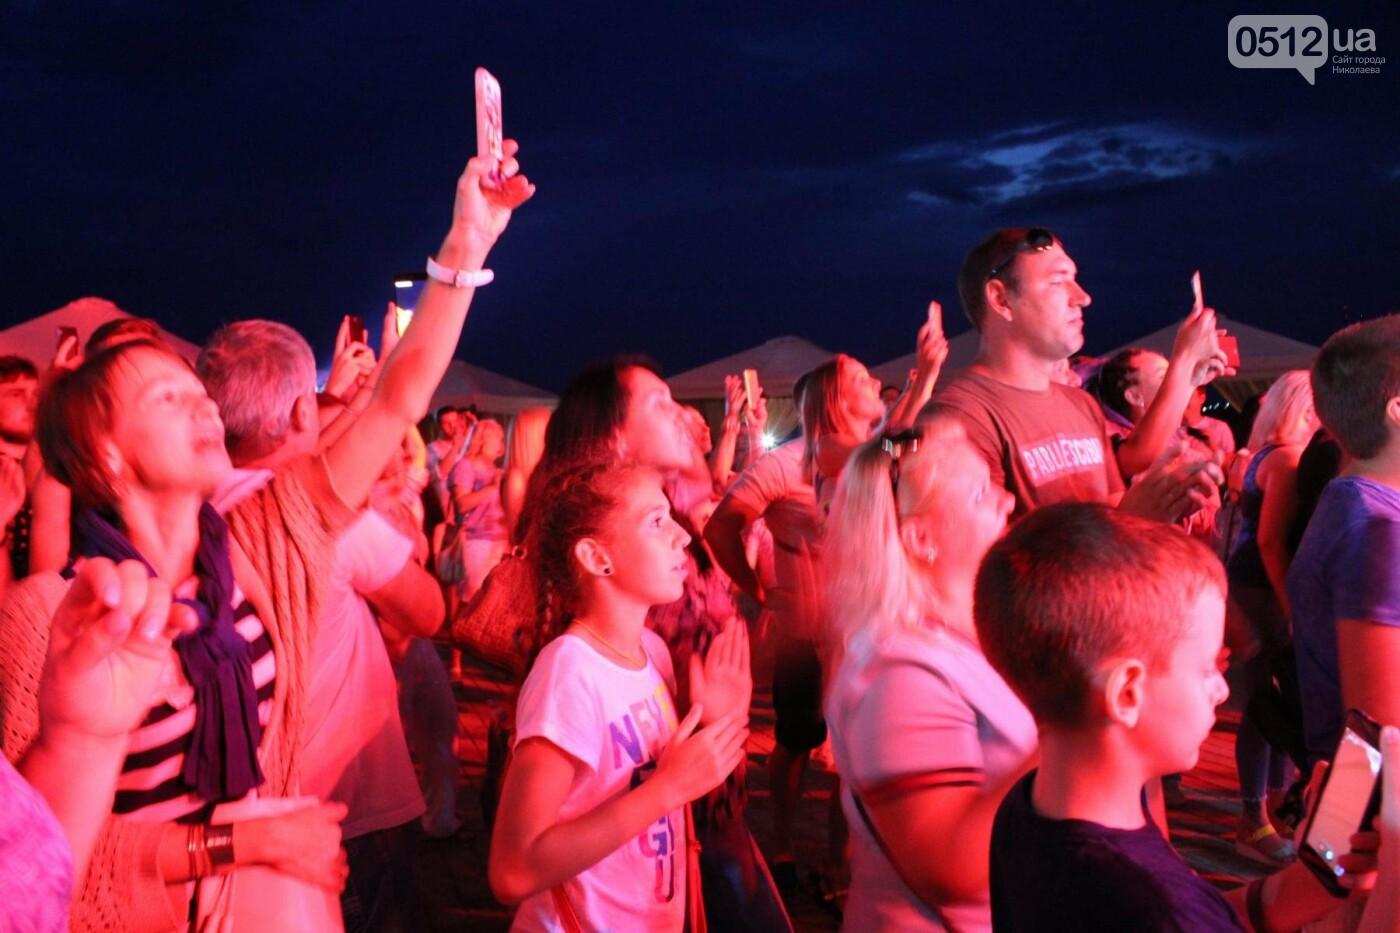 """Группа """"Без обмежень"""" сыграла громкий концерт в Николаеве - ФОТОРЕПОРТАЖ, ВИДЕО , фото-18"""